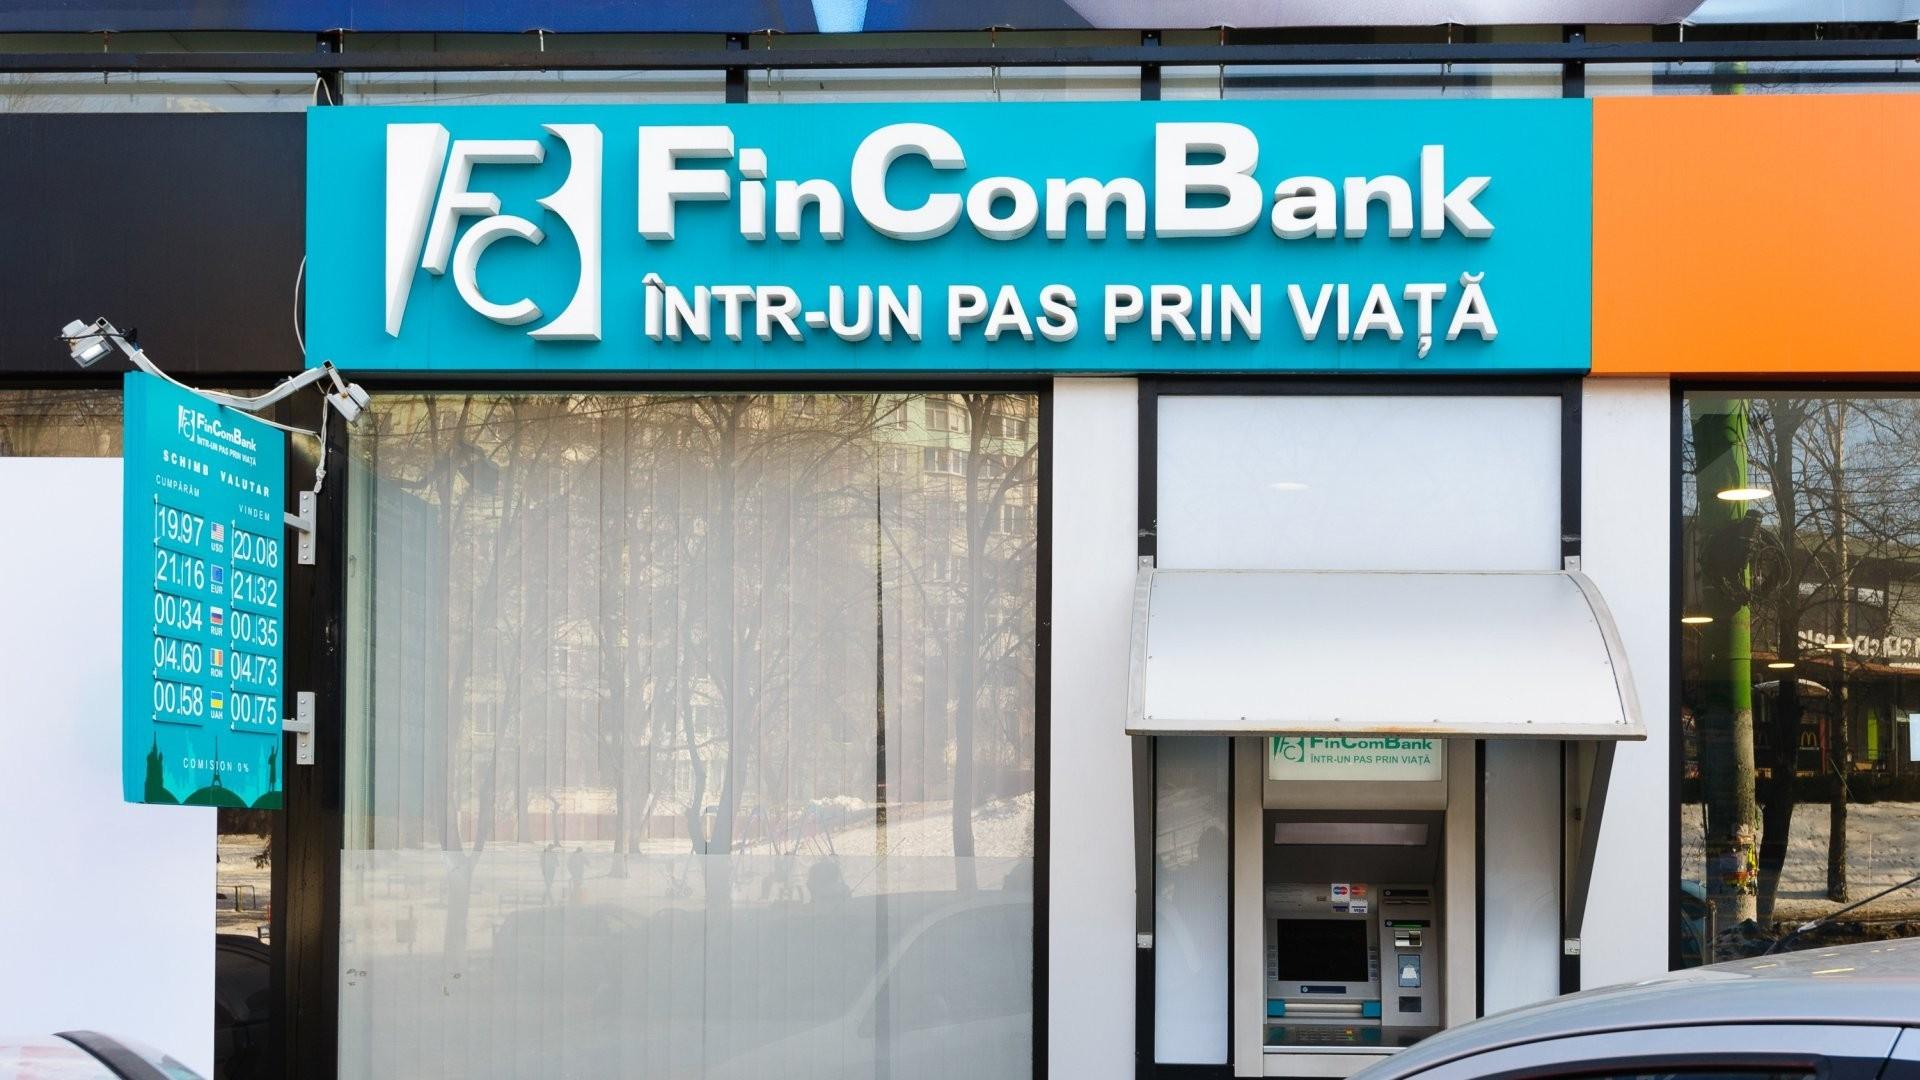 FinComBank își convoacă repetat acționarii la Adunarea generală extraordinară a acţionarilor